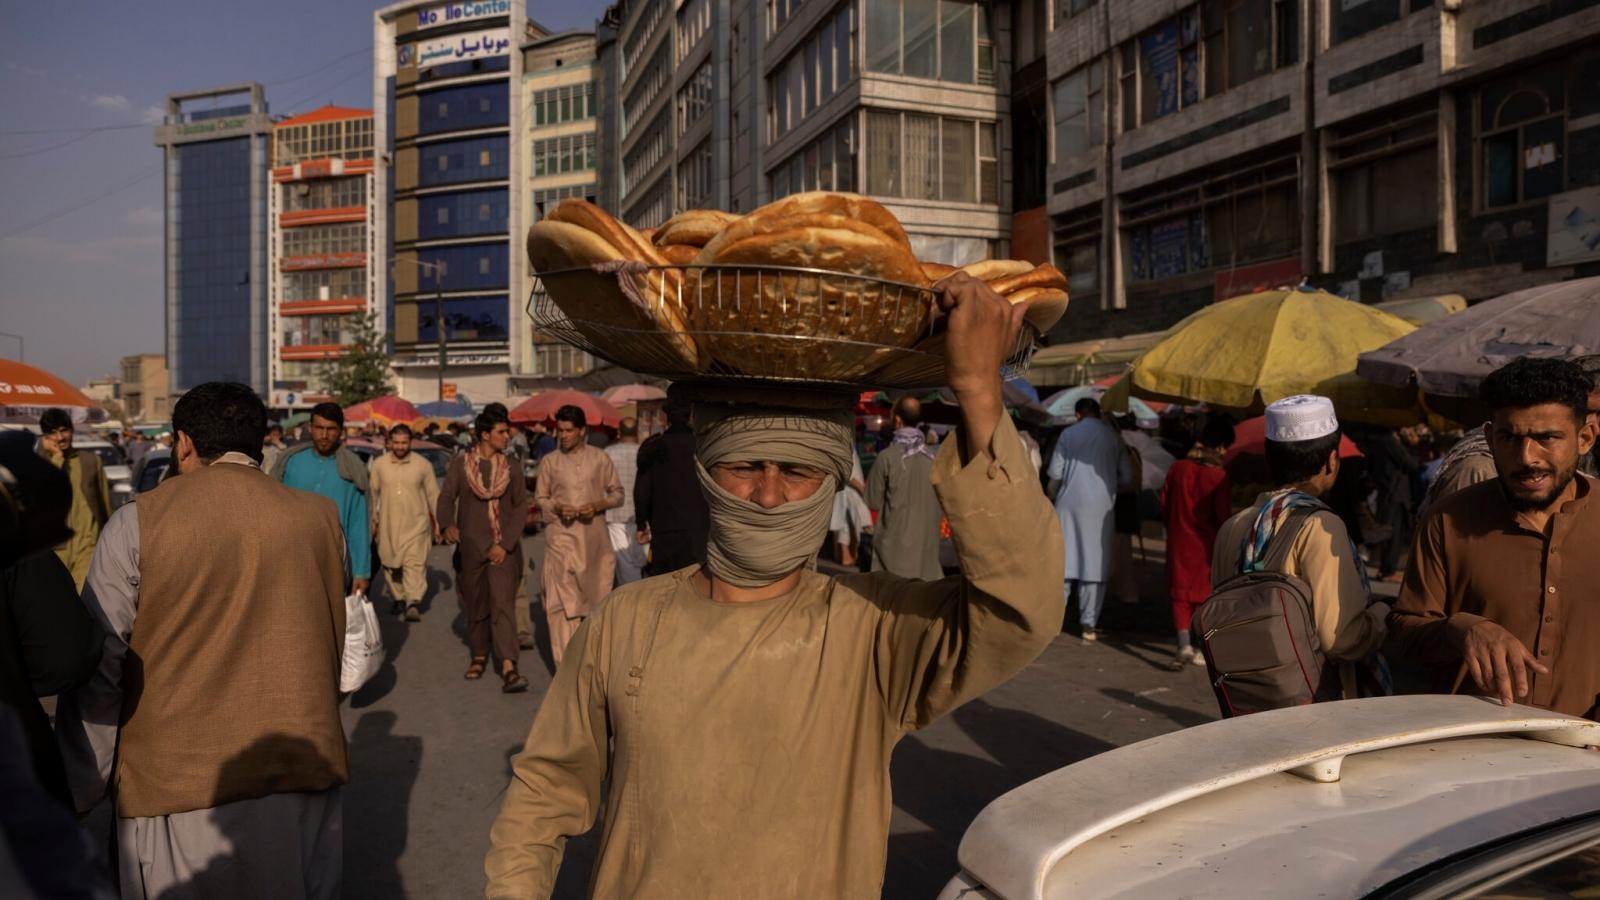 Dưới sự cai trị của Taliban, cuộc sống ở thủ đô Kabul ngày càng biến động